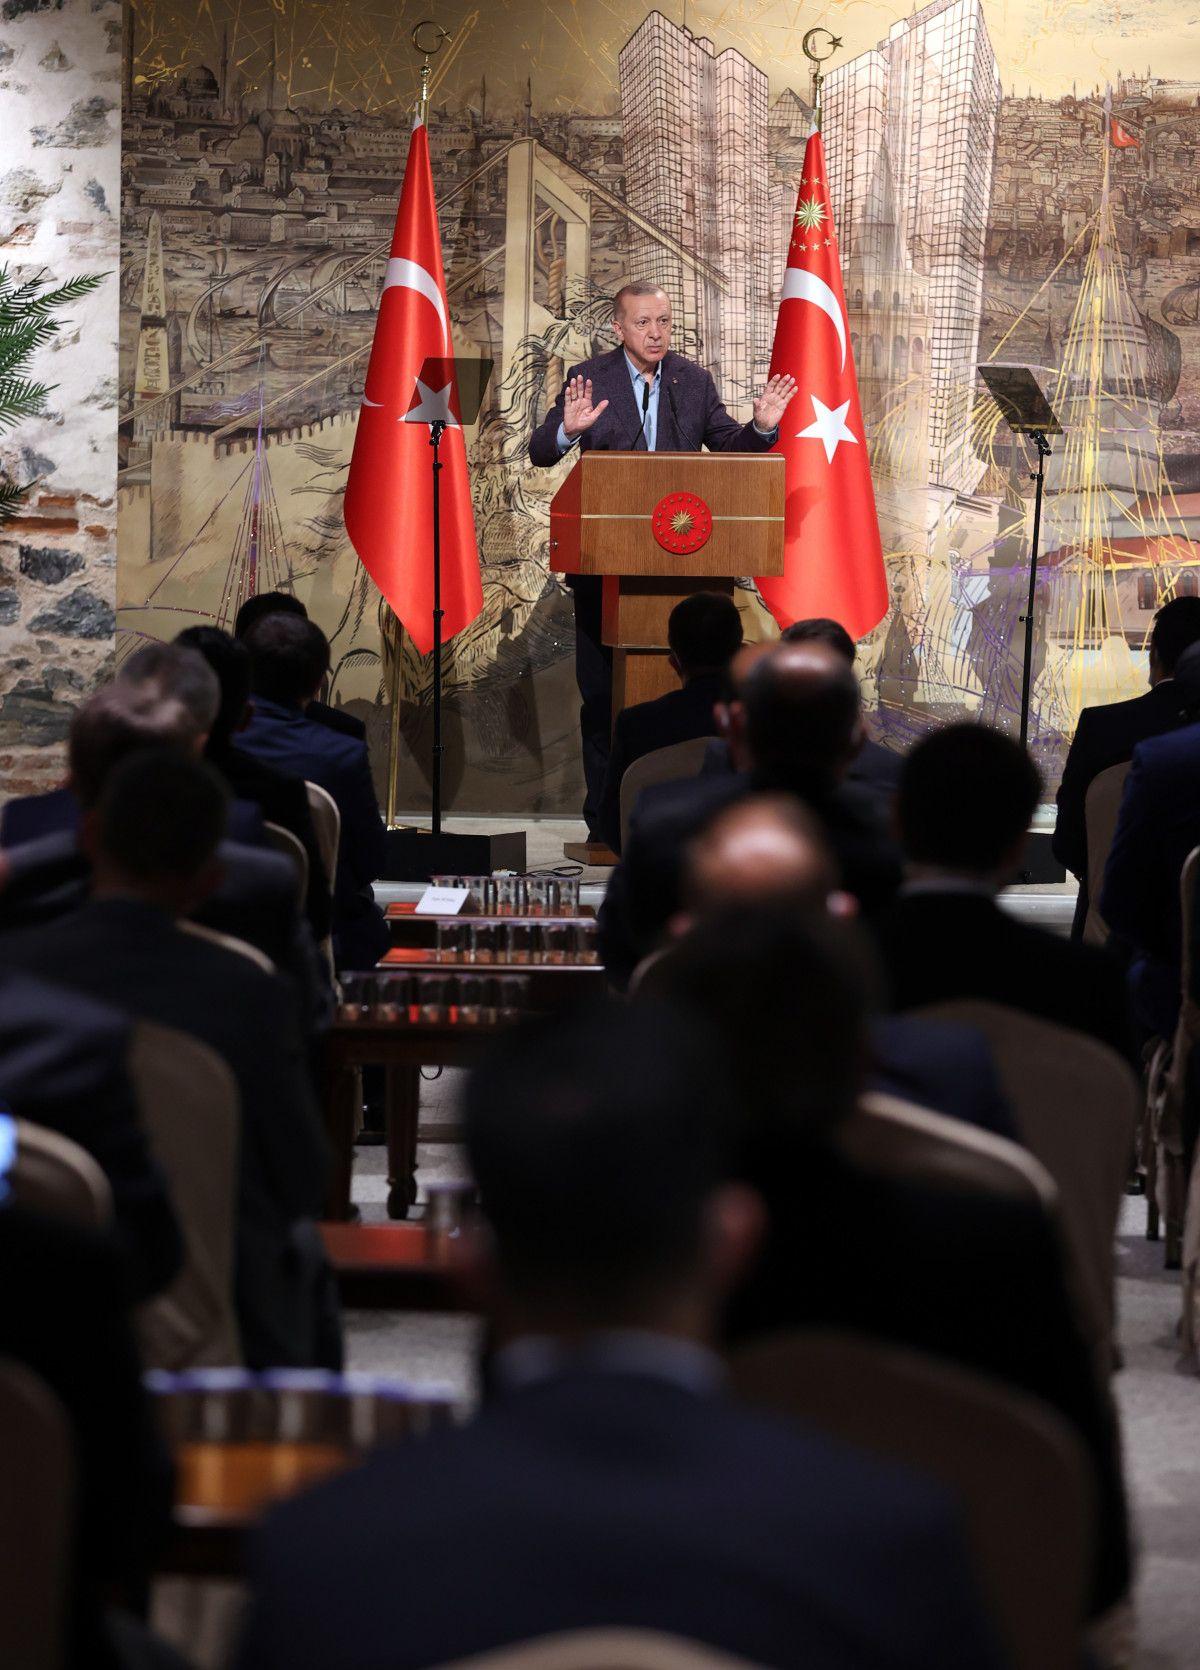 Cumhurbaşkanı Erdoğan, Uluslararası Demokratlar Birliği heyetiyle görüştü #1